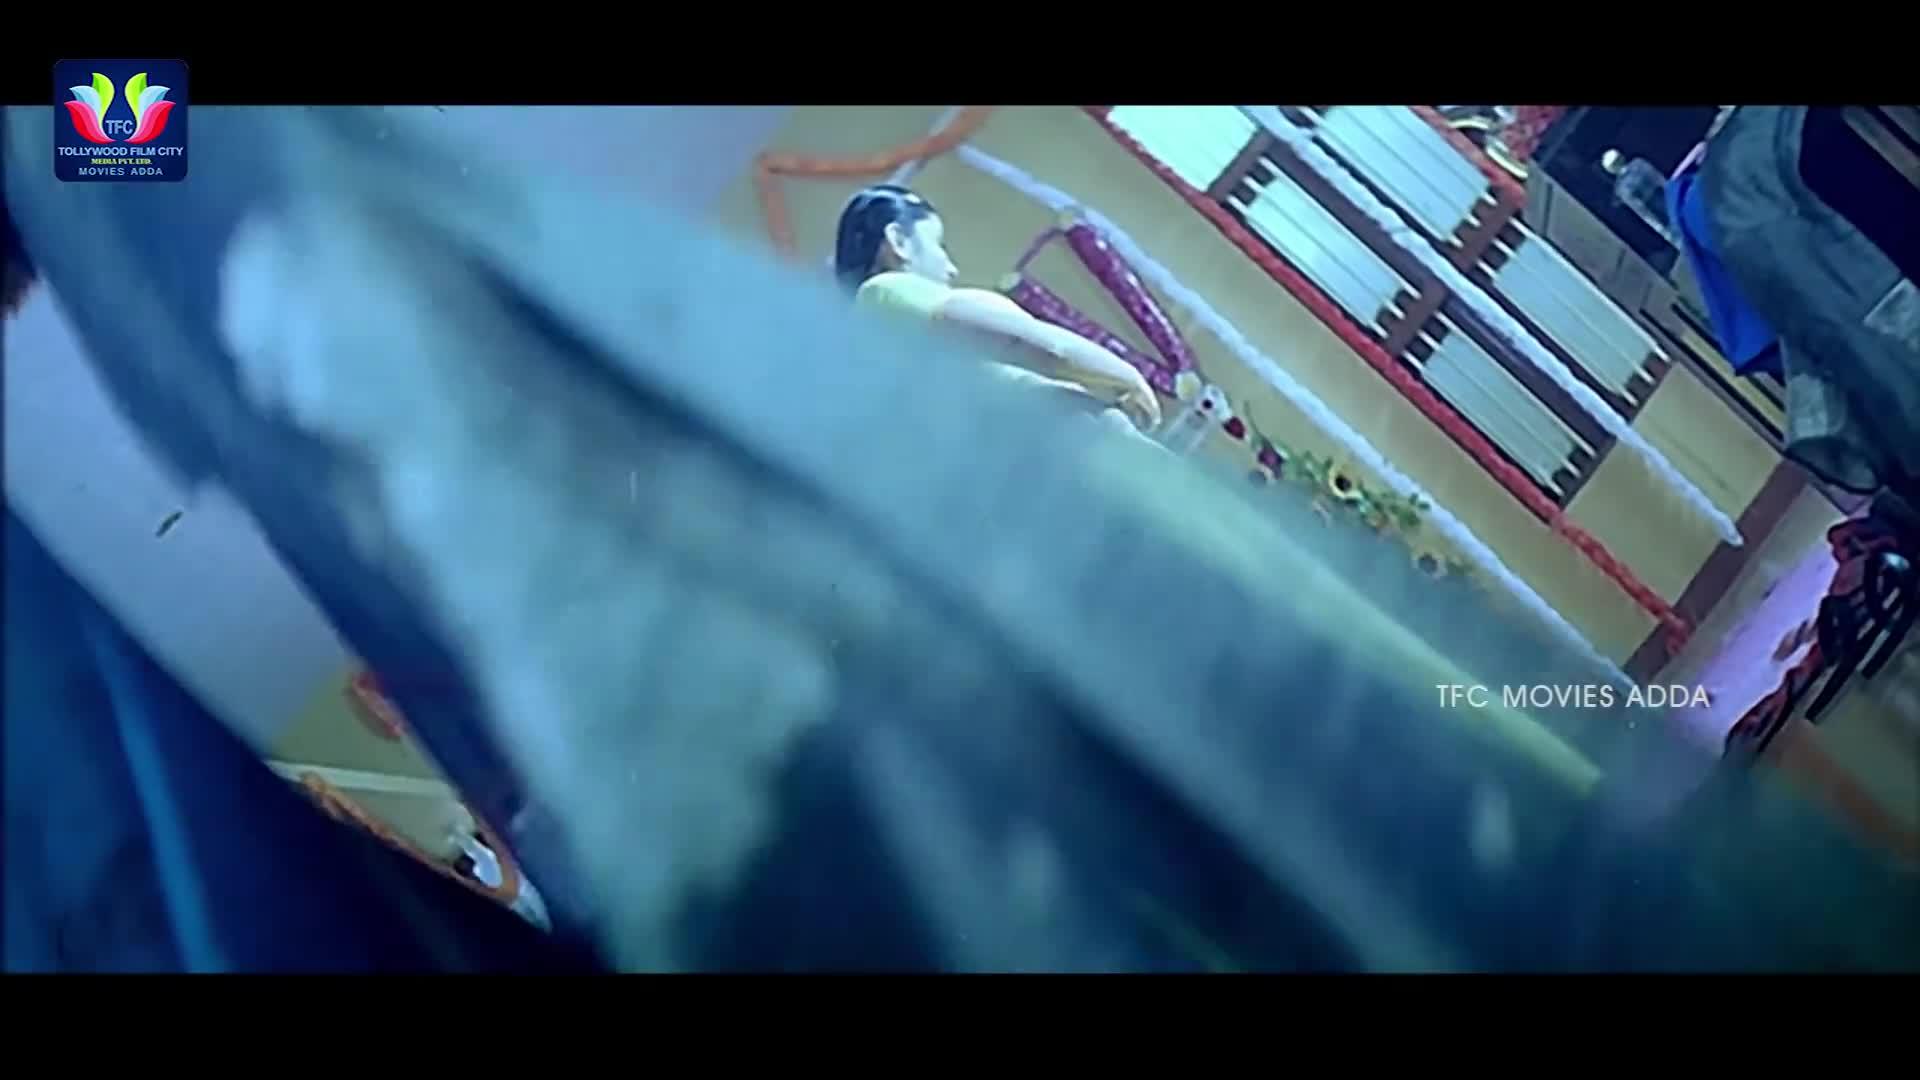 Namitha Exposing Scene, Namitha letest sence, Namitha movie sence, Namitha movies, Parthiban movies, Simhamukhi movie, Simhamukhi movie sence, tcf movies, telugu movies, tfc movies, Namitha Boobs n navel GIFs